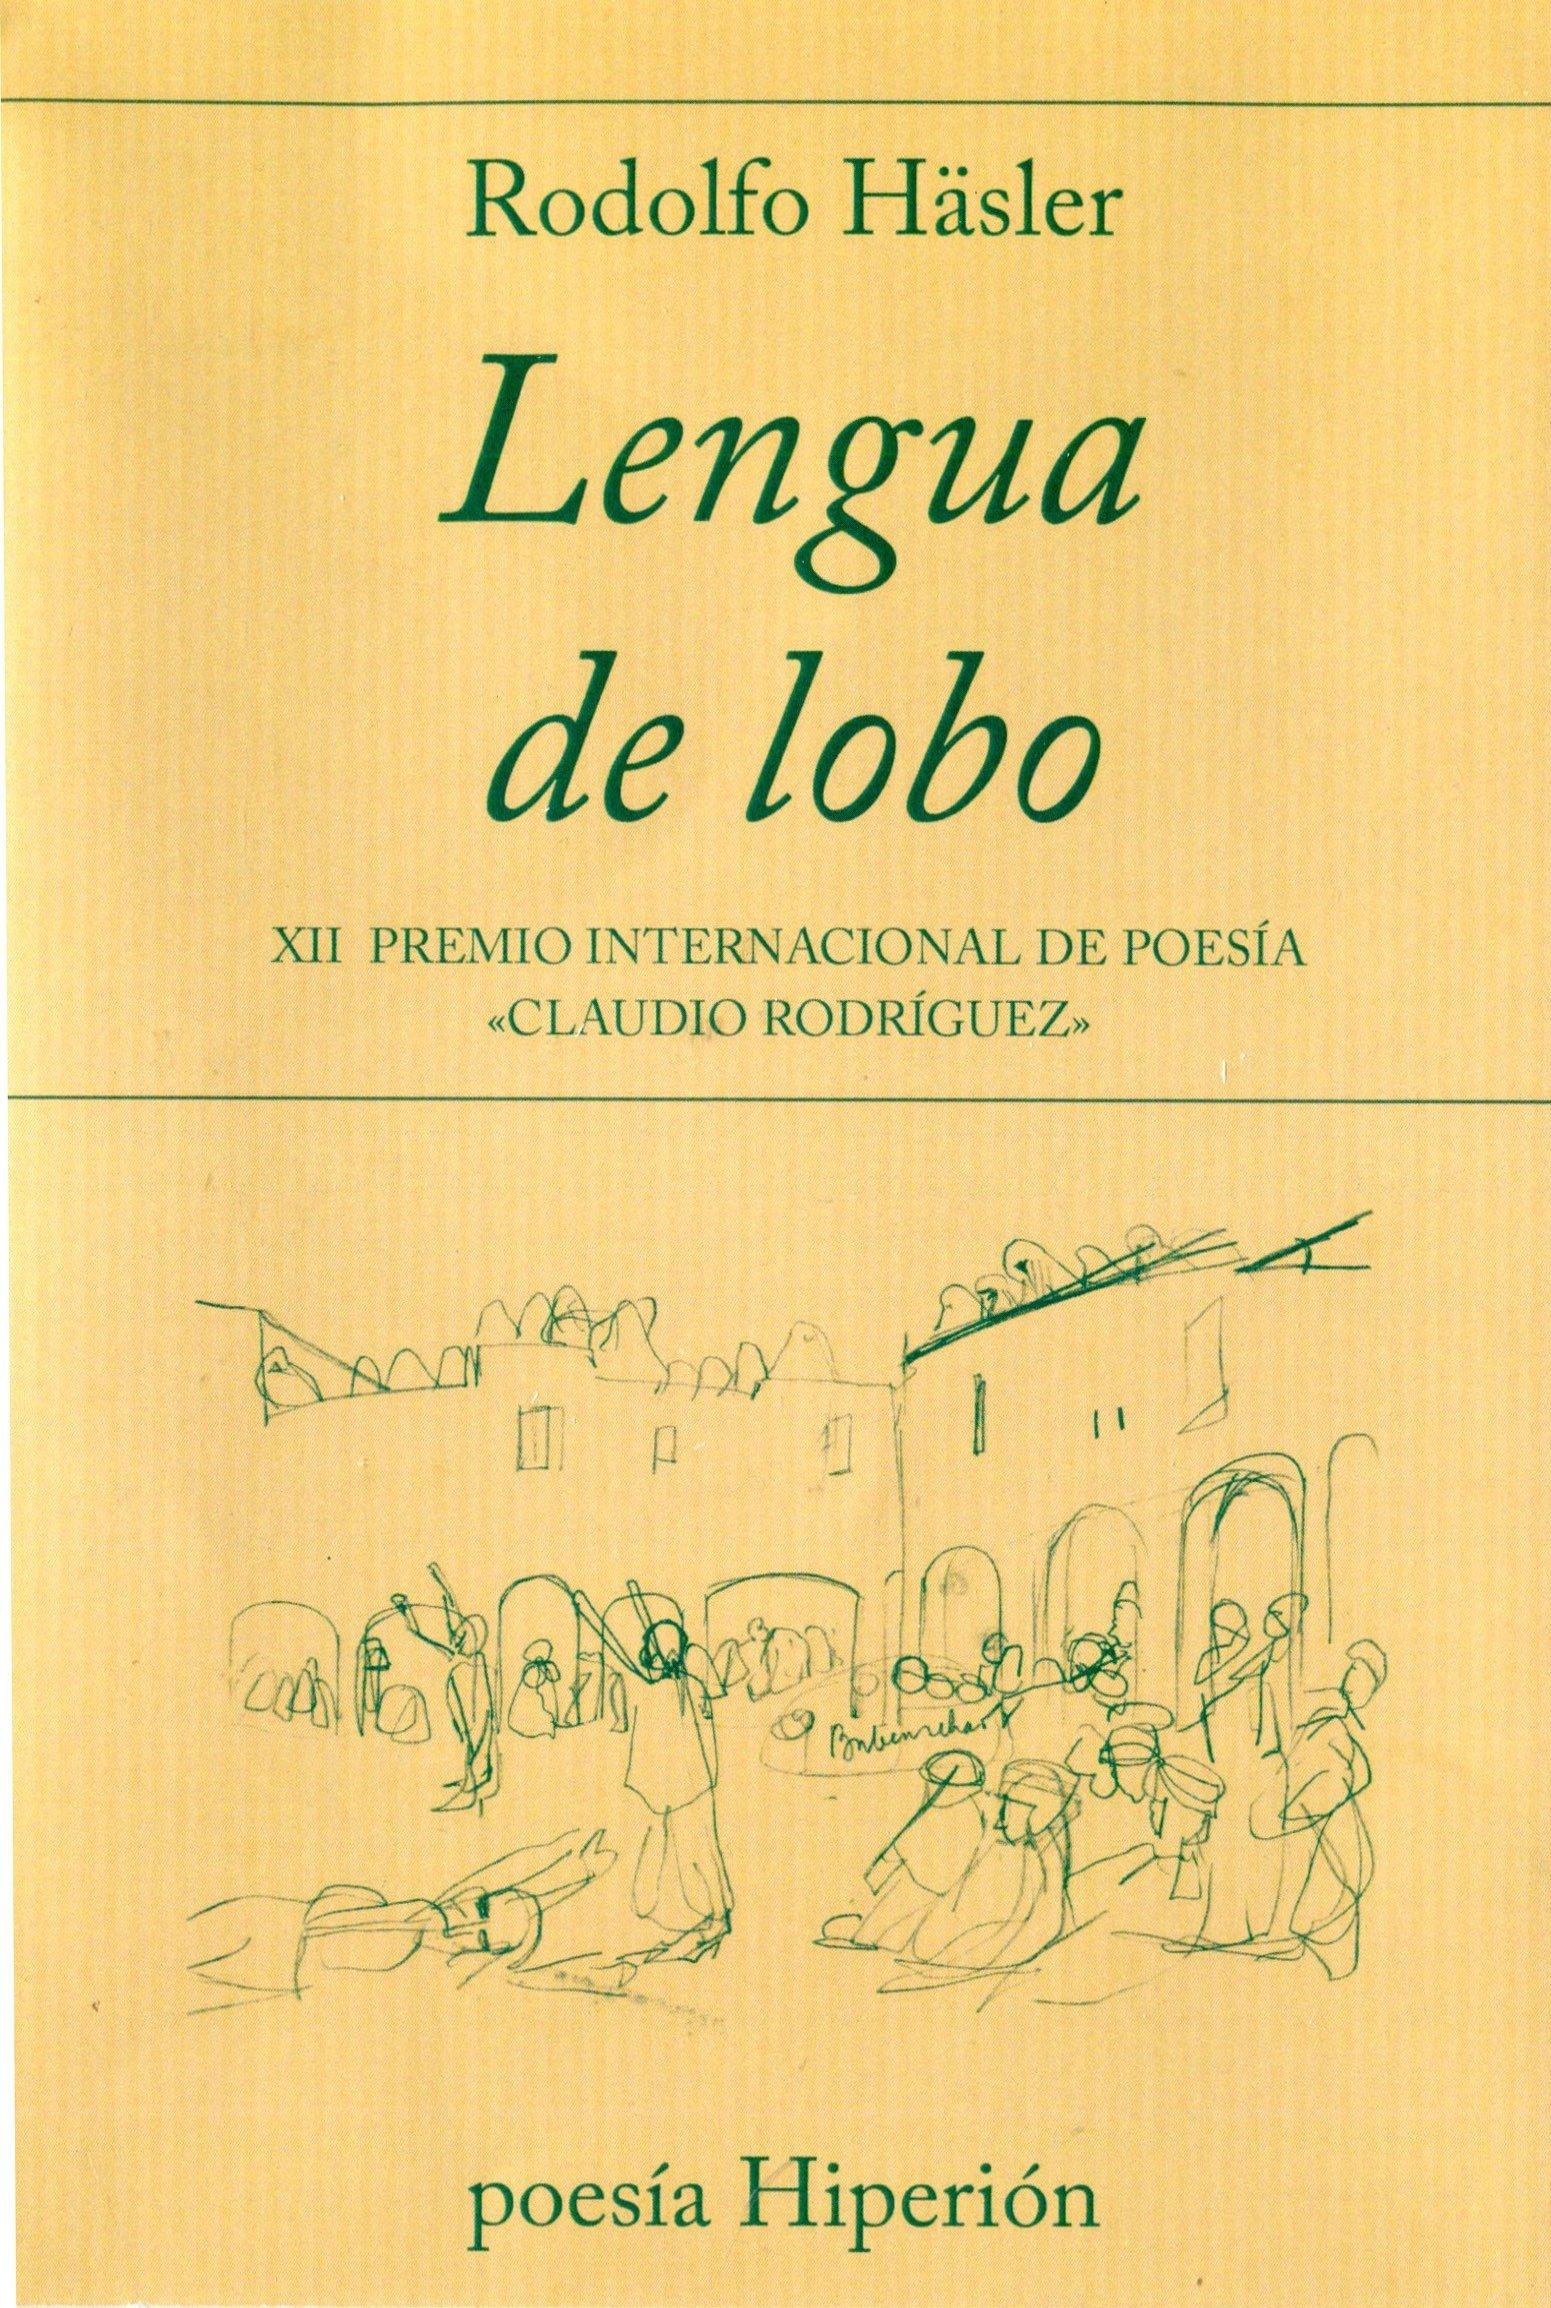 <em>Lengua de lobo,</em>de Rodolfo Häsler